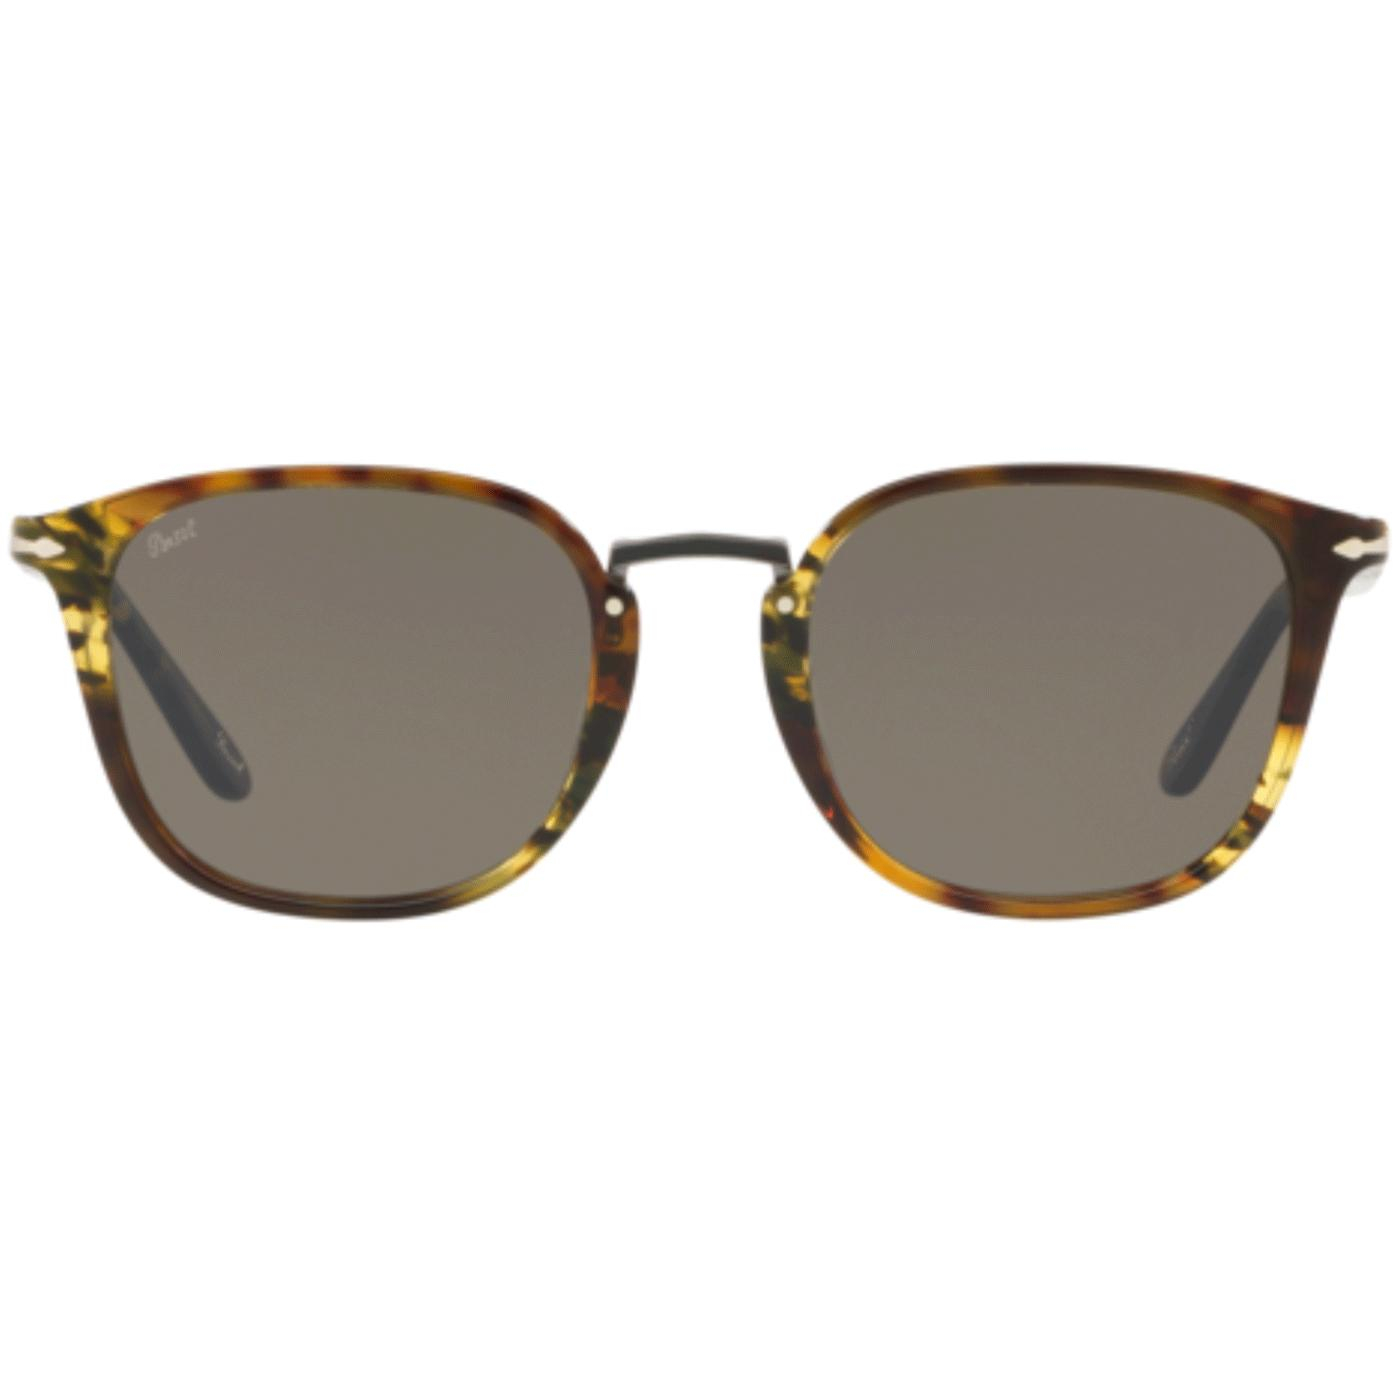 Combo Evolution PERSOL Men's Retro Sunglasses